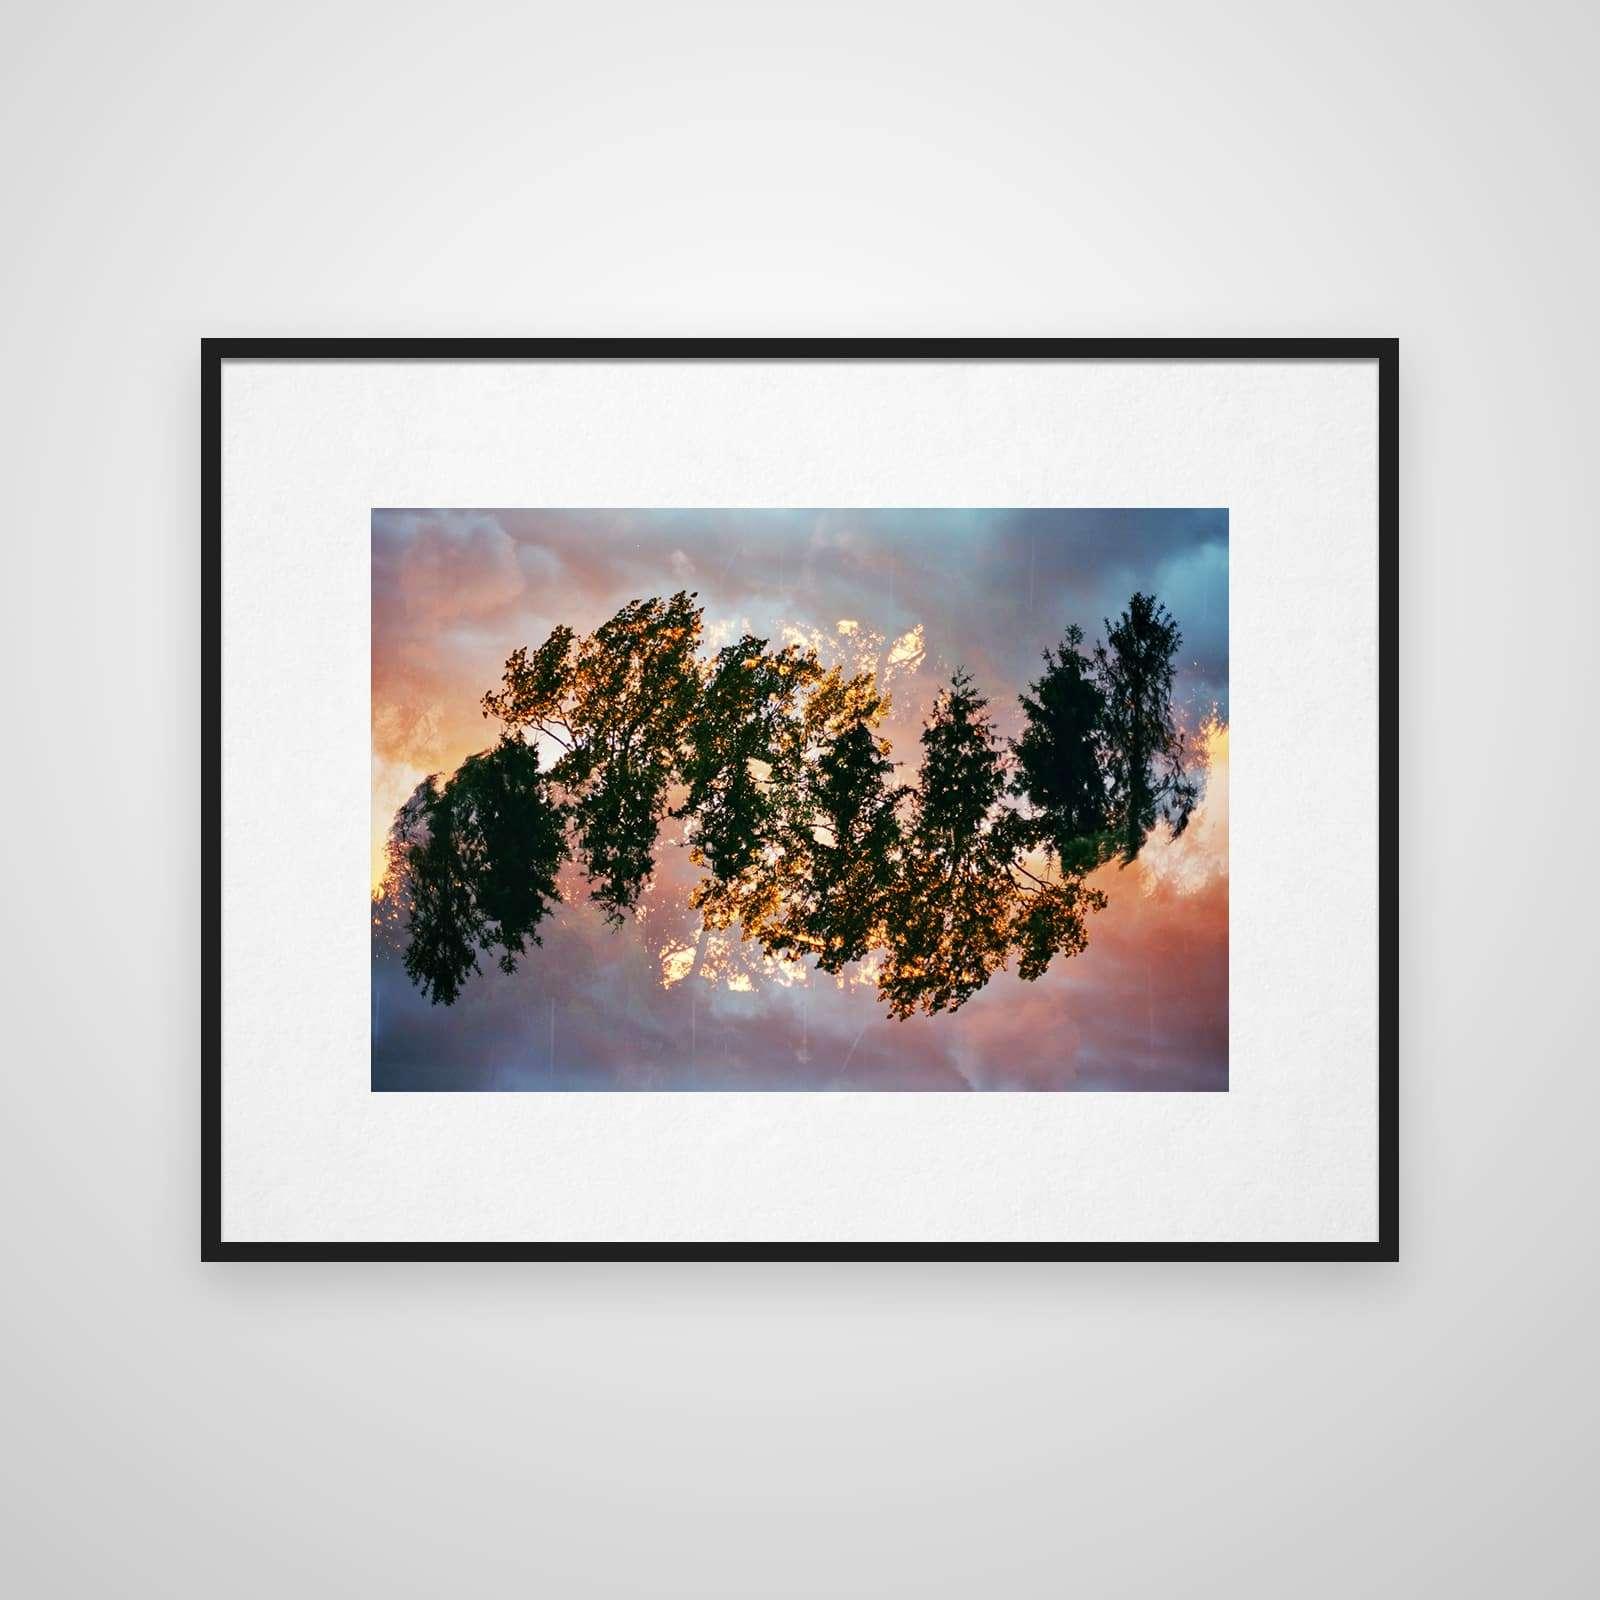 Mehrfachbelichtung von Baumkronen im Sonnenuntergang in einem Rahmen an der Wand